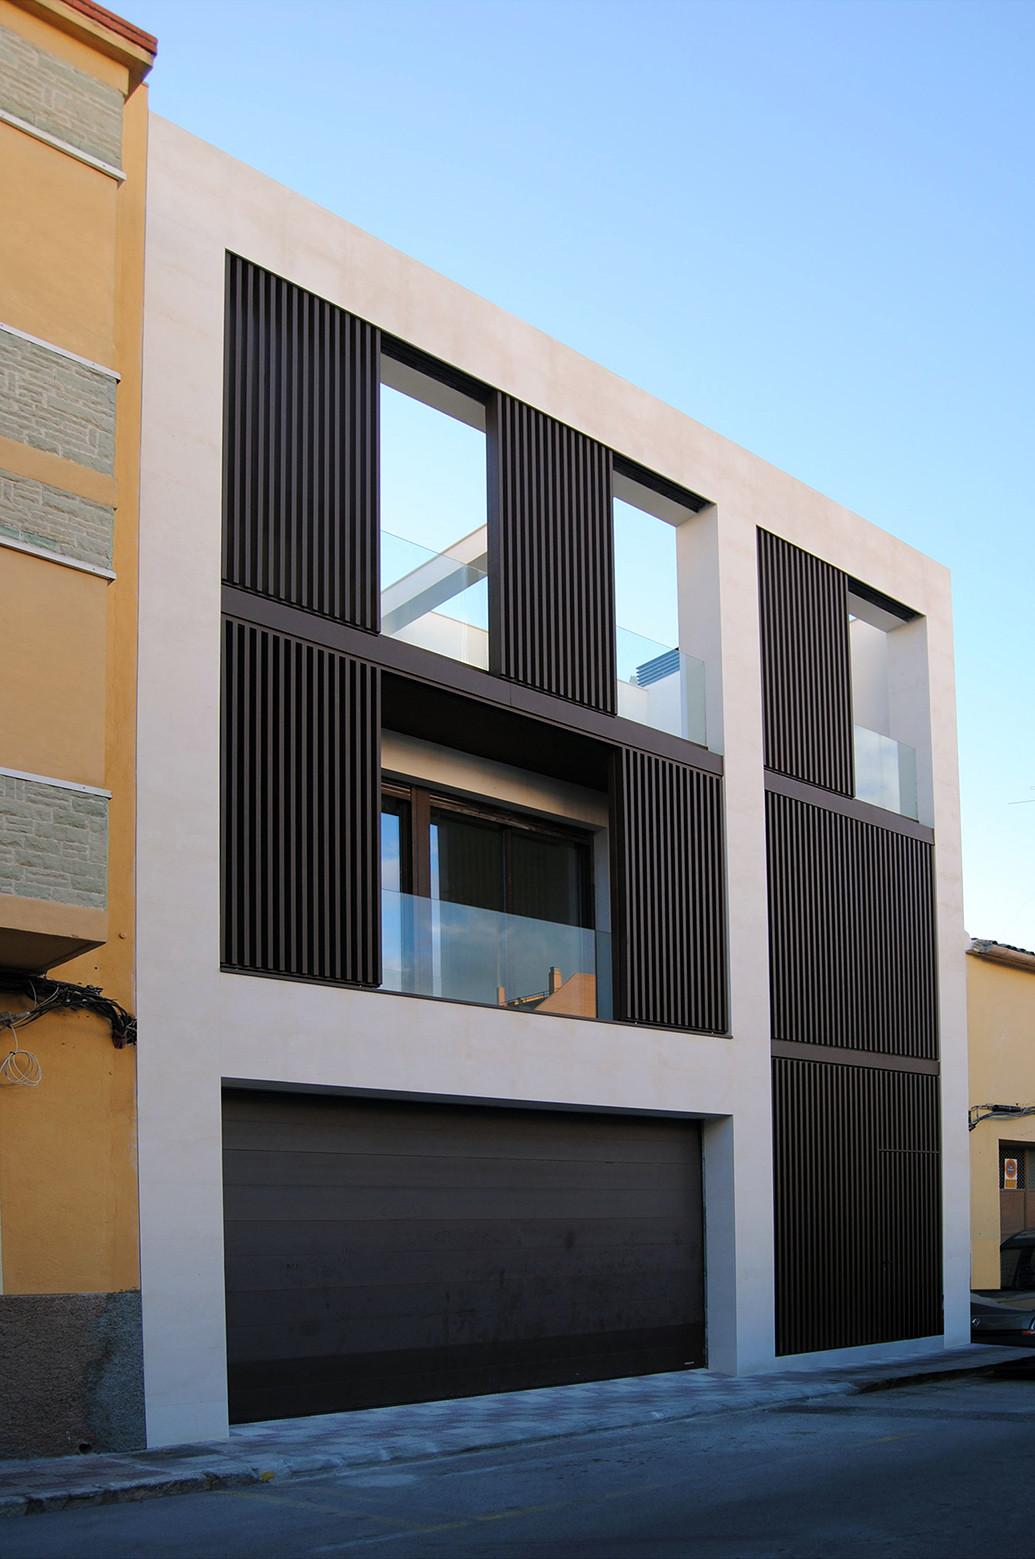 13 fachadas de casas que inspiran la voz del muro for Fachadas de casas modernas entre medianeras